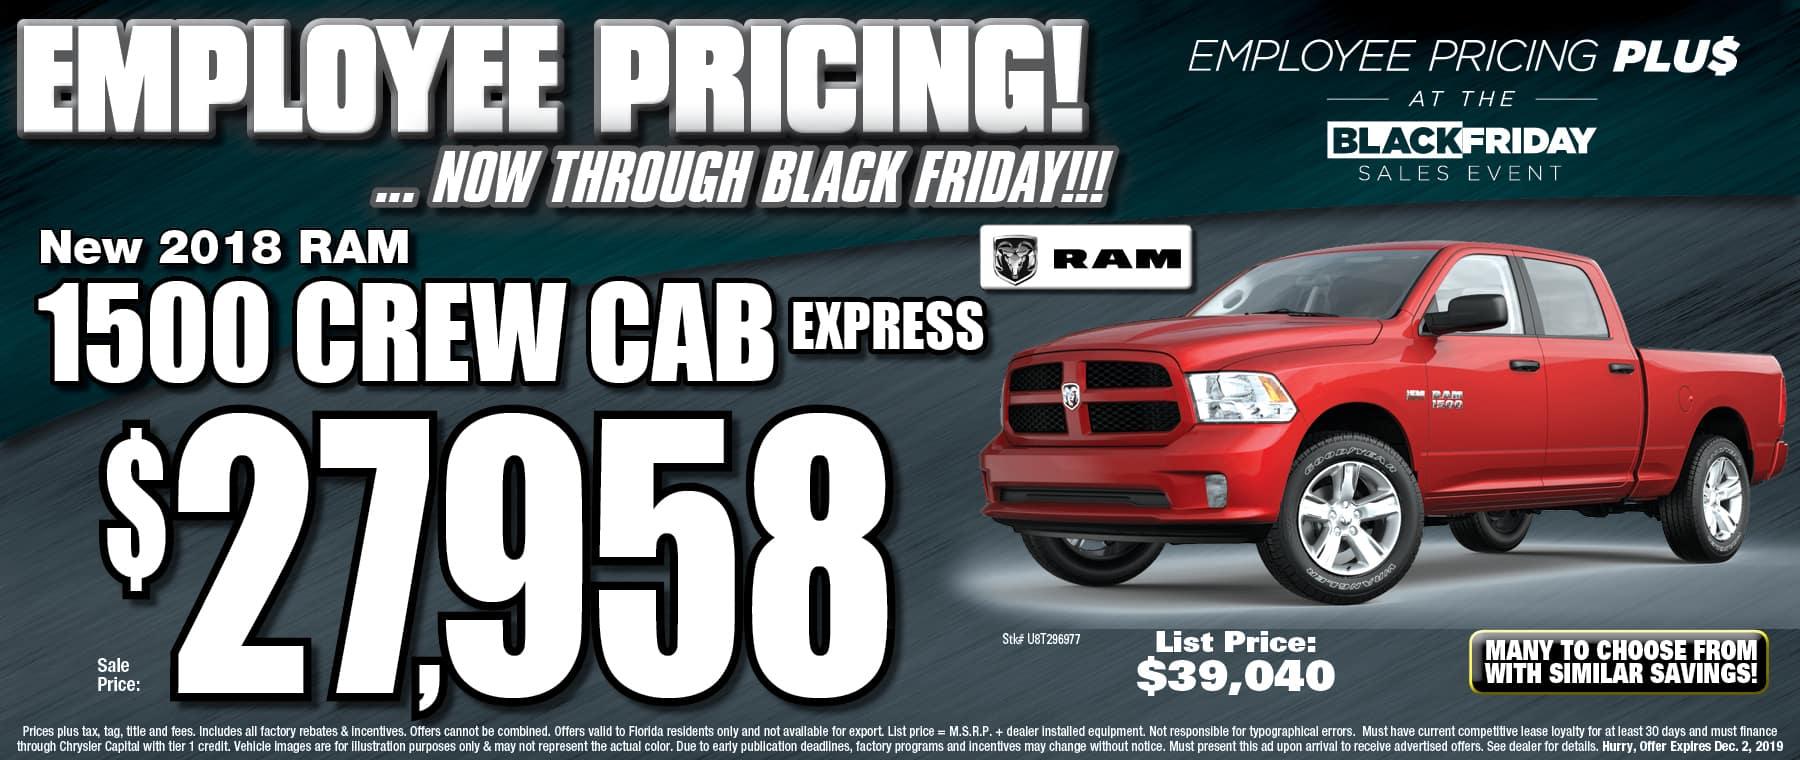 New 2018 Ram Crew Cab Express!